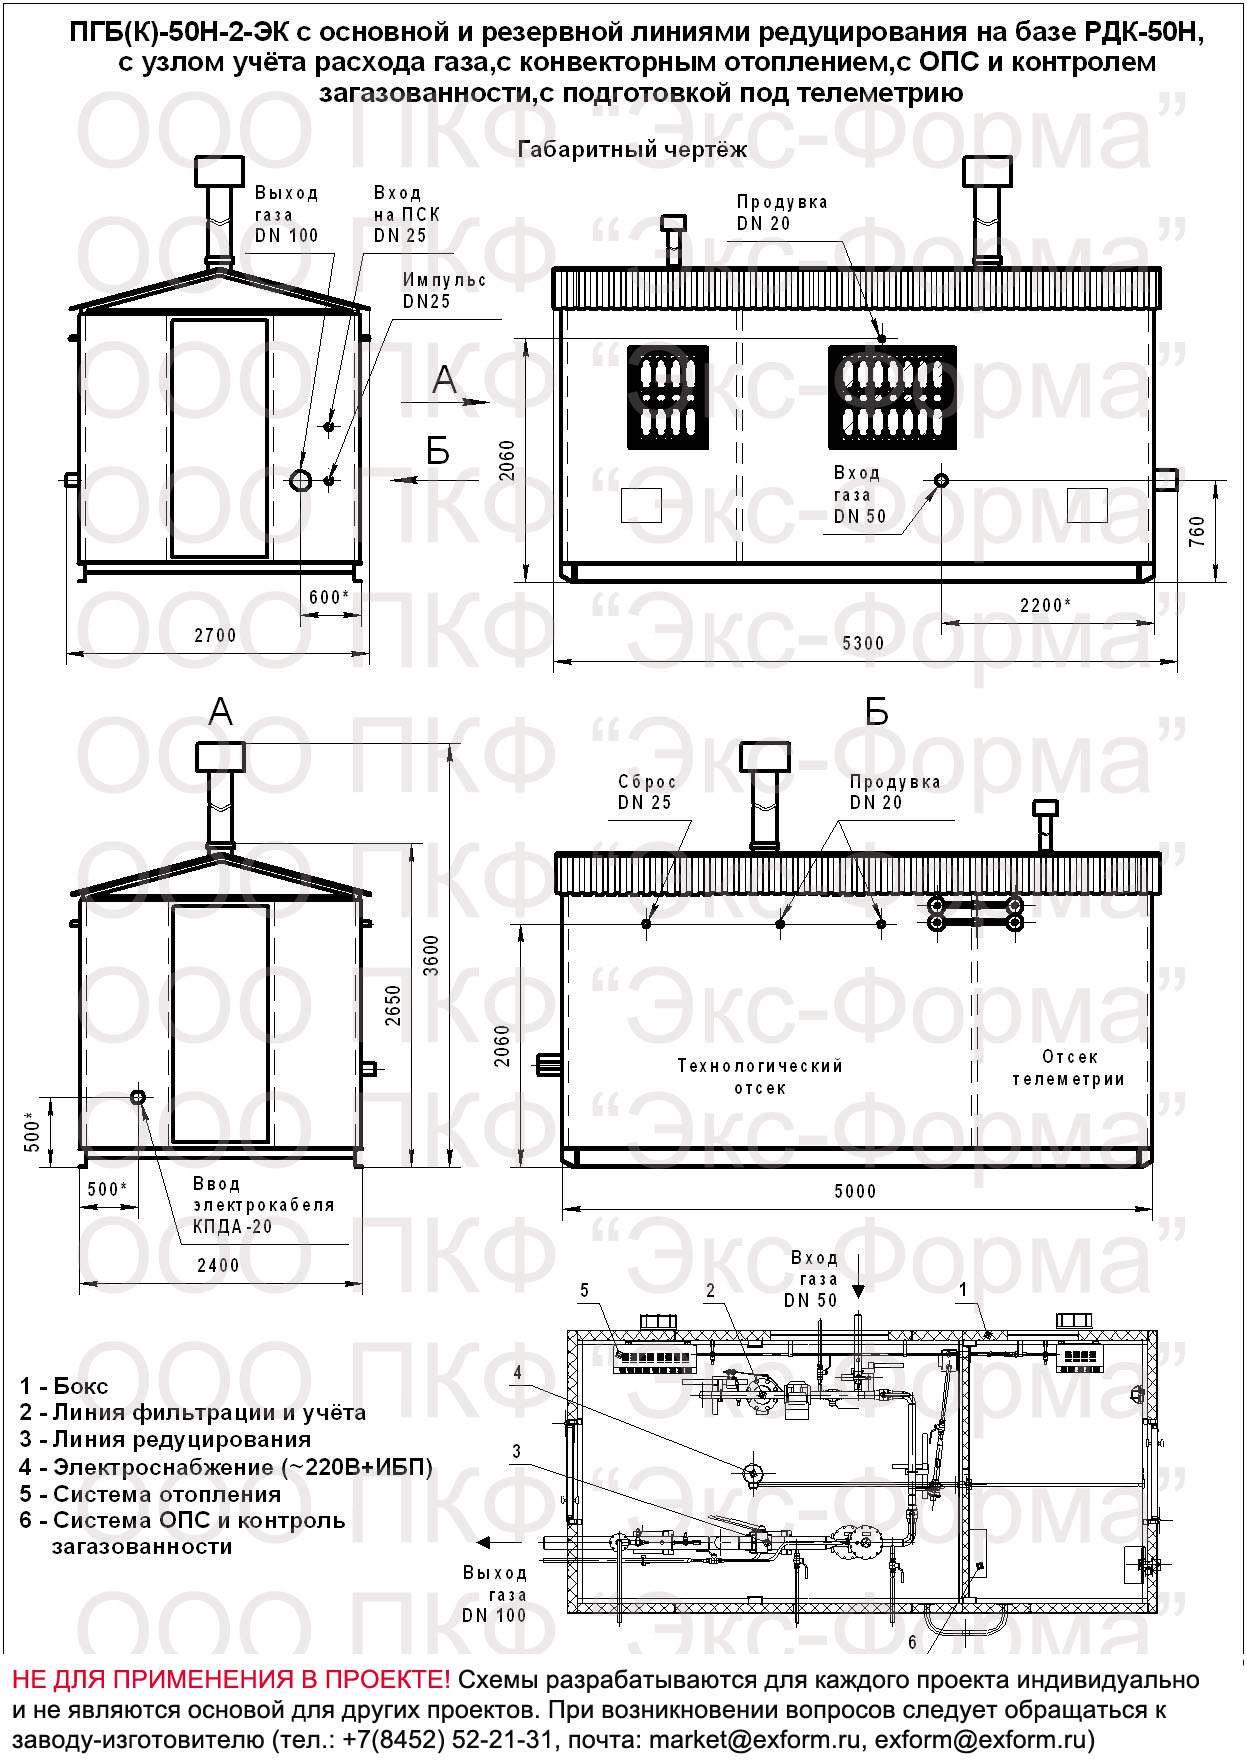 угрш (к)-50н фото и схема